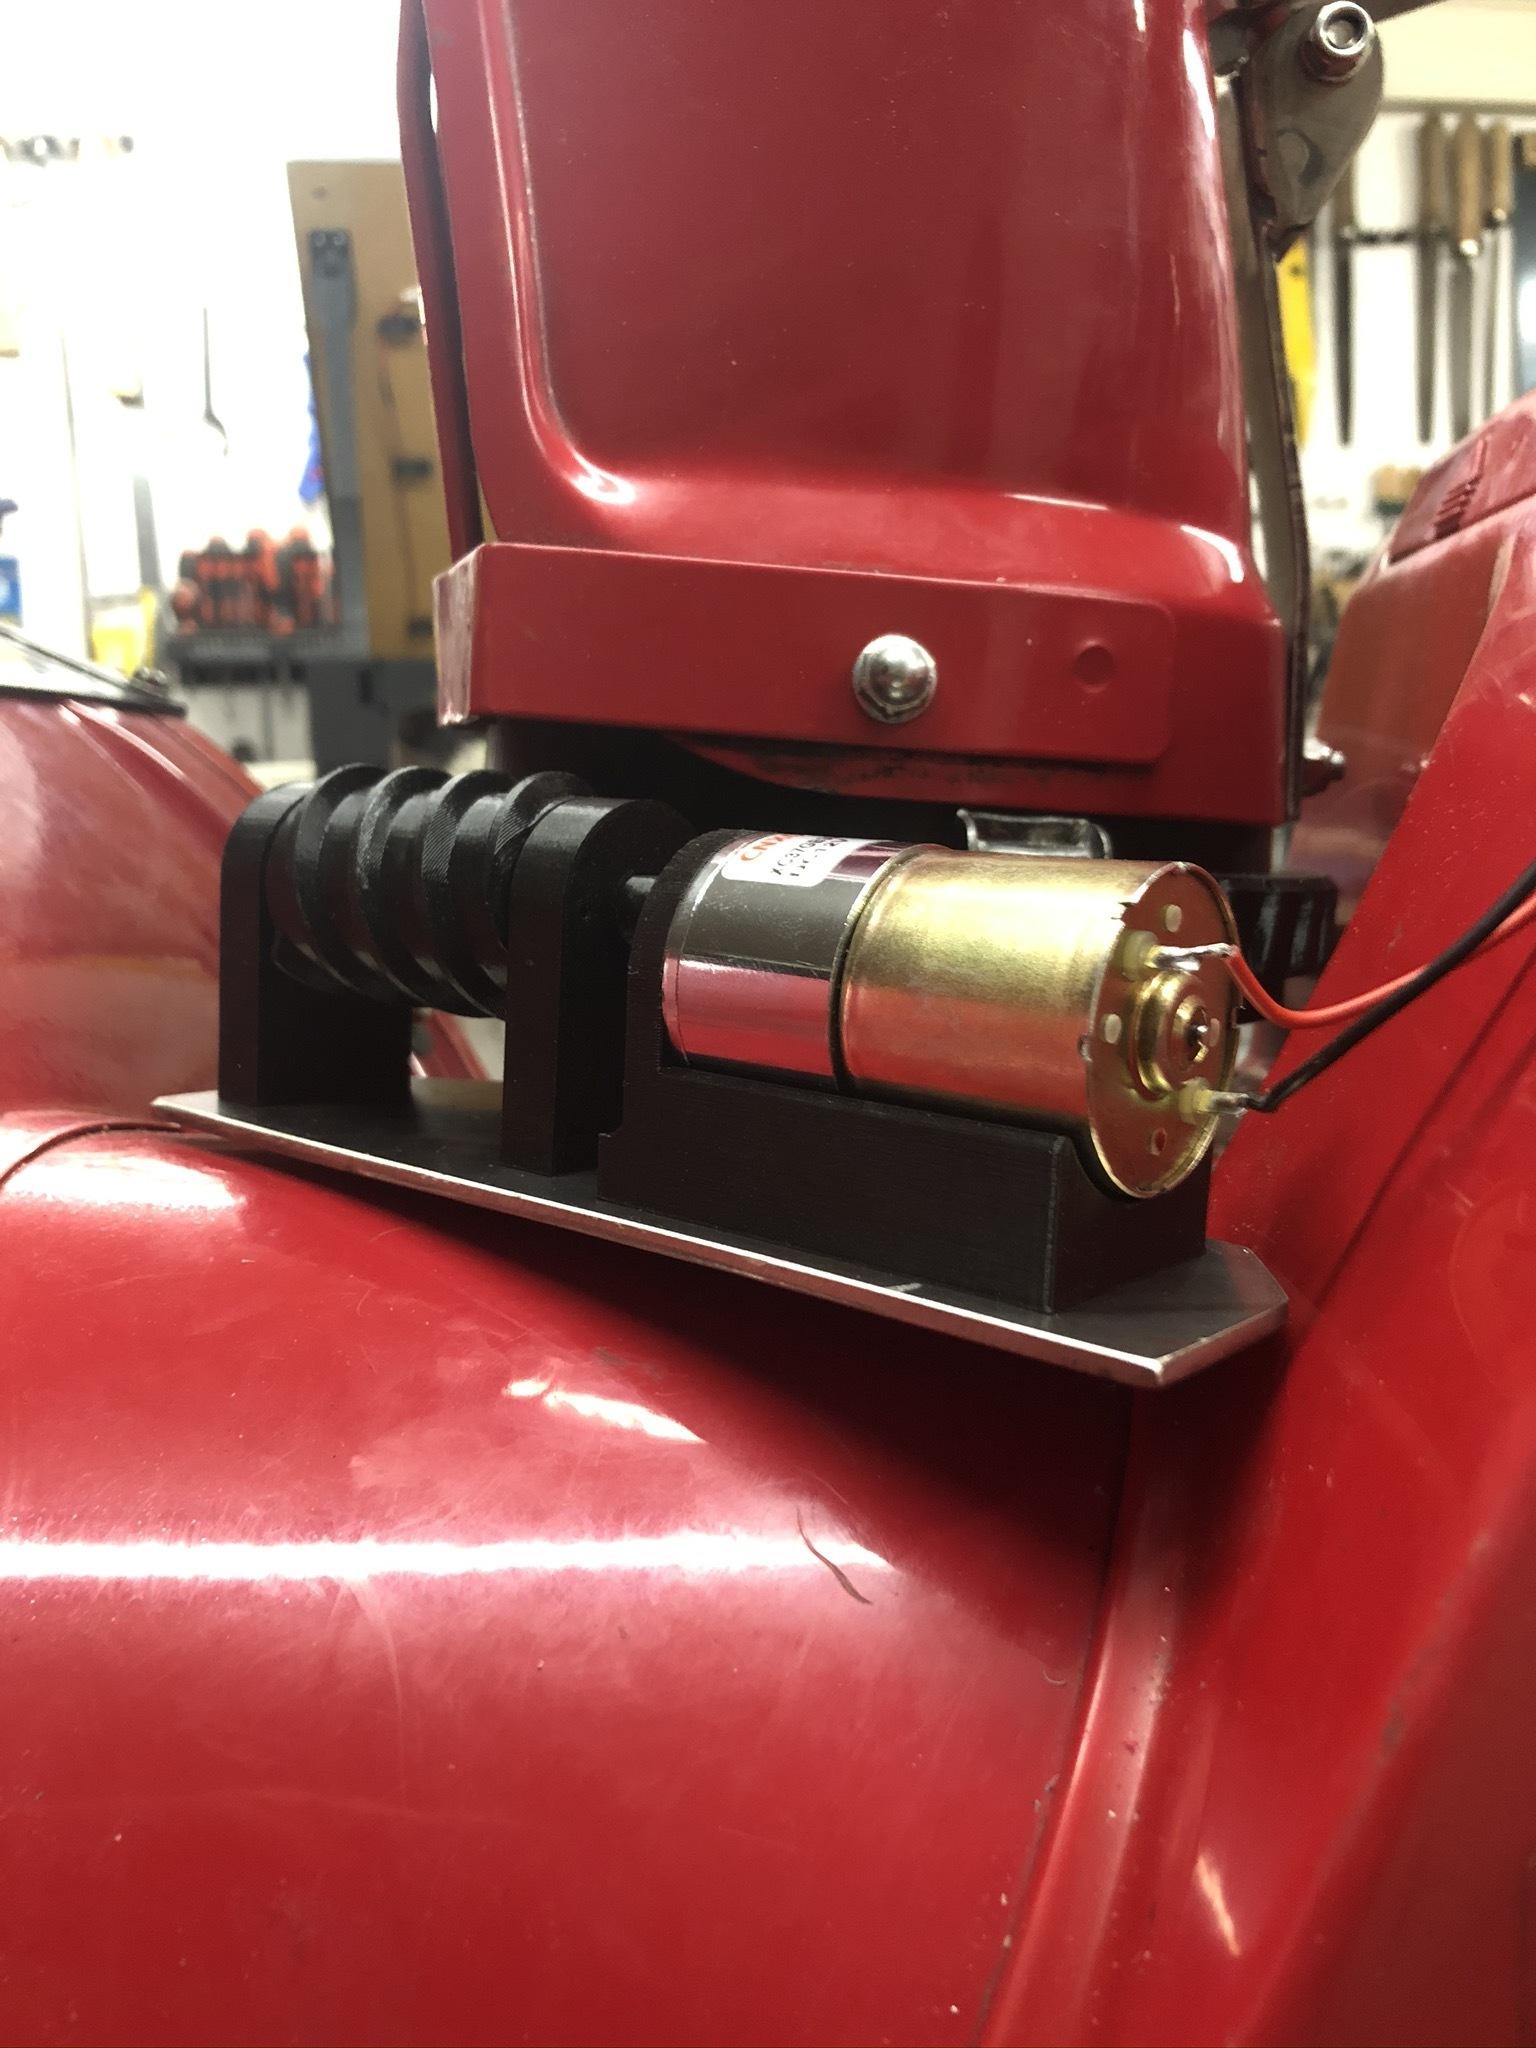 IMG_2885.JPEG Télécharger fichier 3MF gratuit Honda HS 622 / HS 655 / Schneefräse elektrische Kaminverstellung / support de goulotte sur mesure pour souffleuse à neige • Plan pour impression 3D, ohrenstoepsel